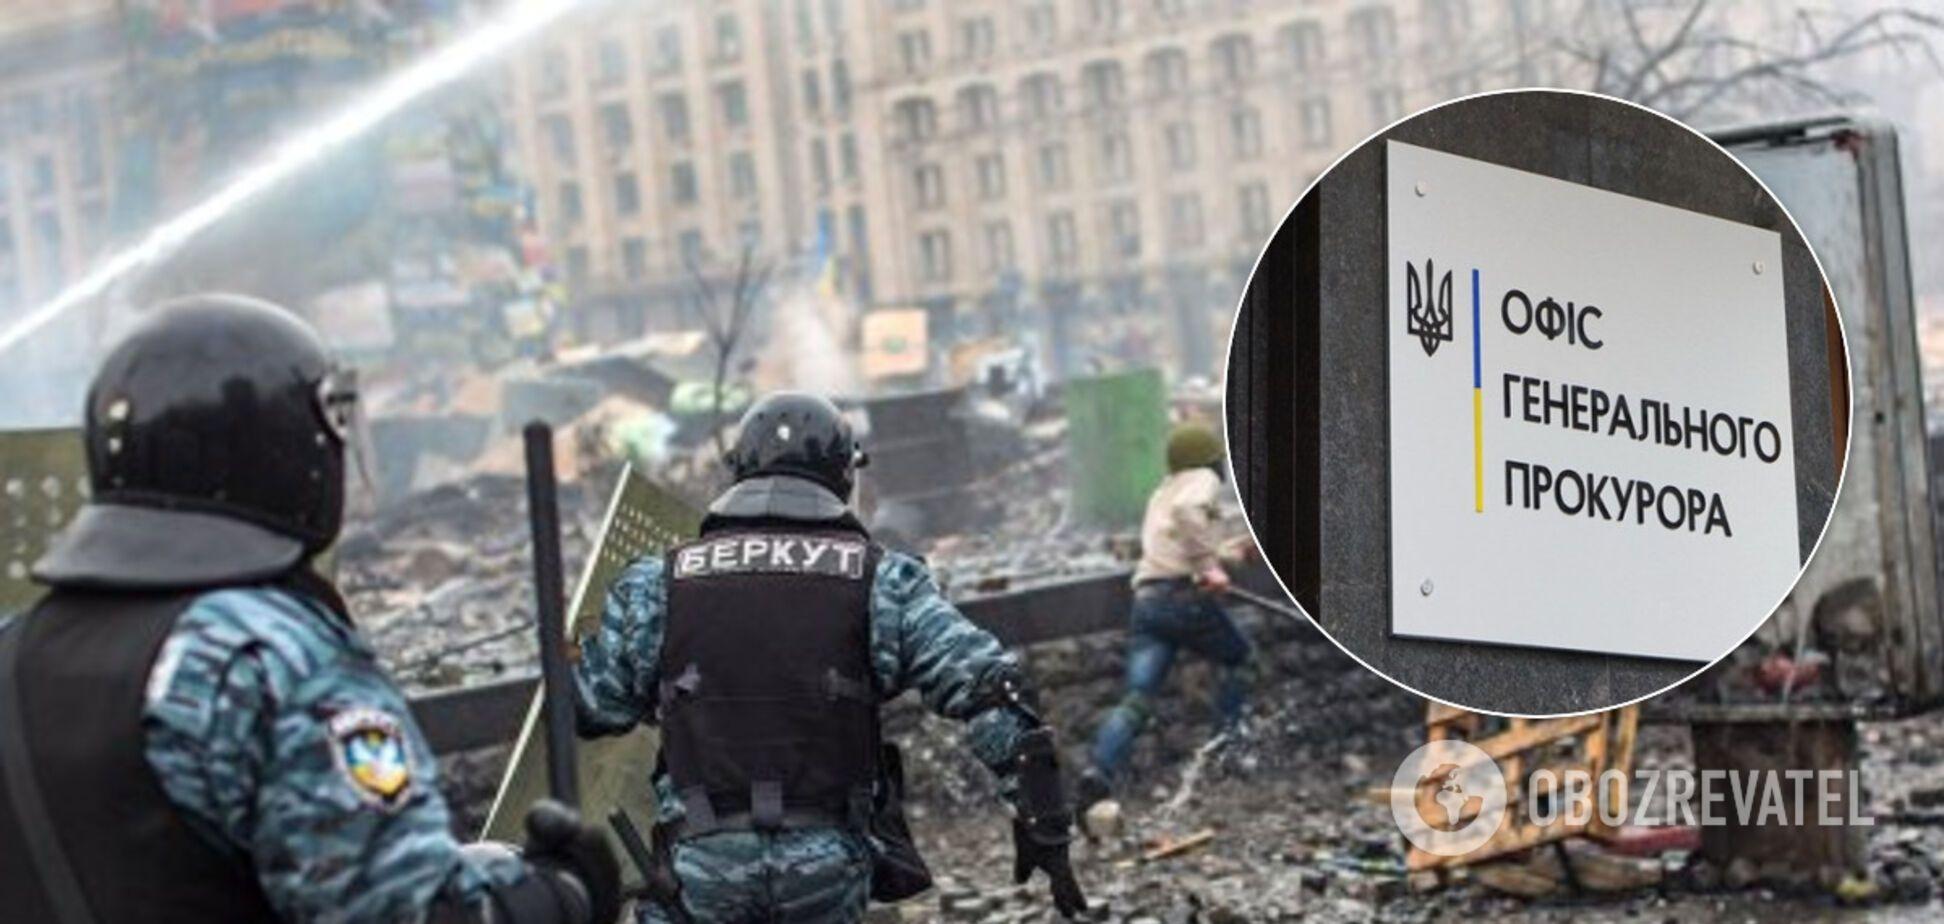 Справи Майдану: ексберкутівцю повідомили про підозру у вчиненні умисних вбивств та теракту